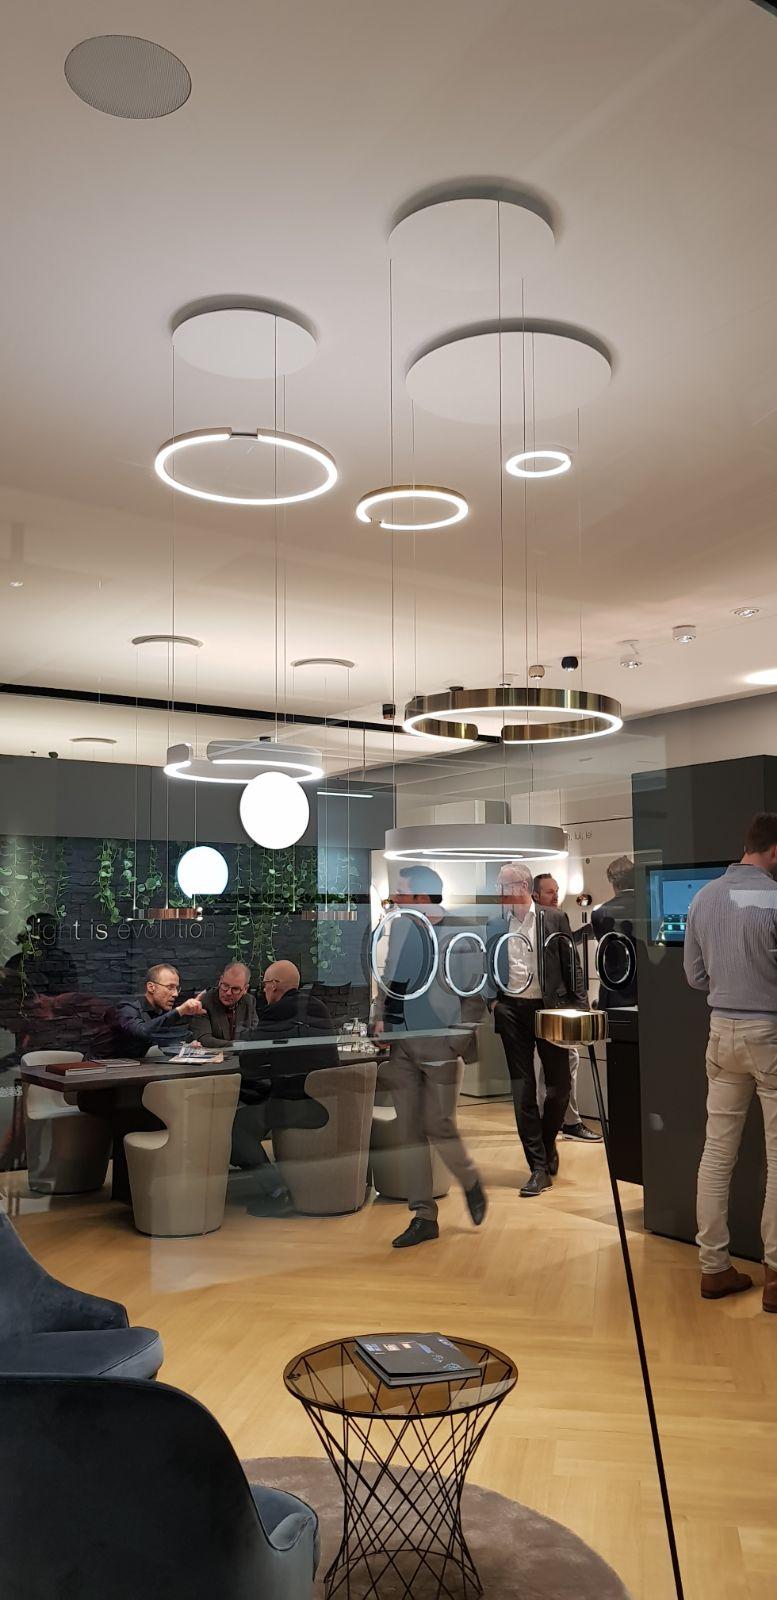 luxusmarken Top 5 Luxusmarken in der Frankfurt Messe 7f2bf28c 2468 47c7 afa7 ad194a704000